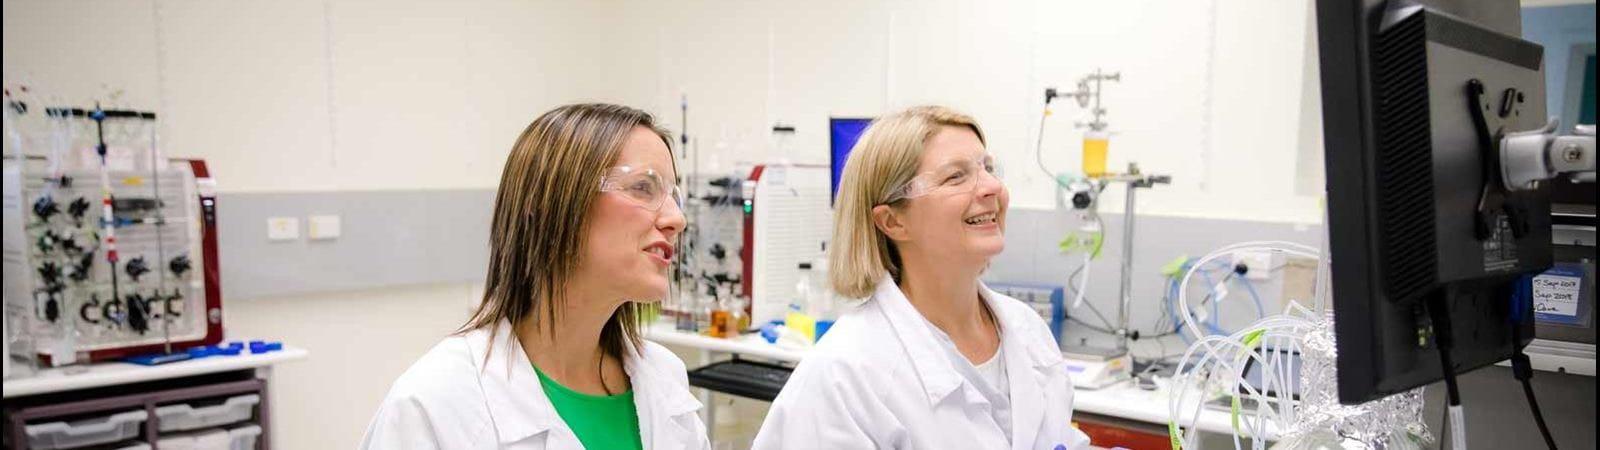 Mitarbeiterinnen im Labor